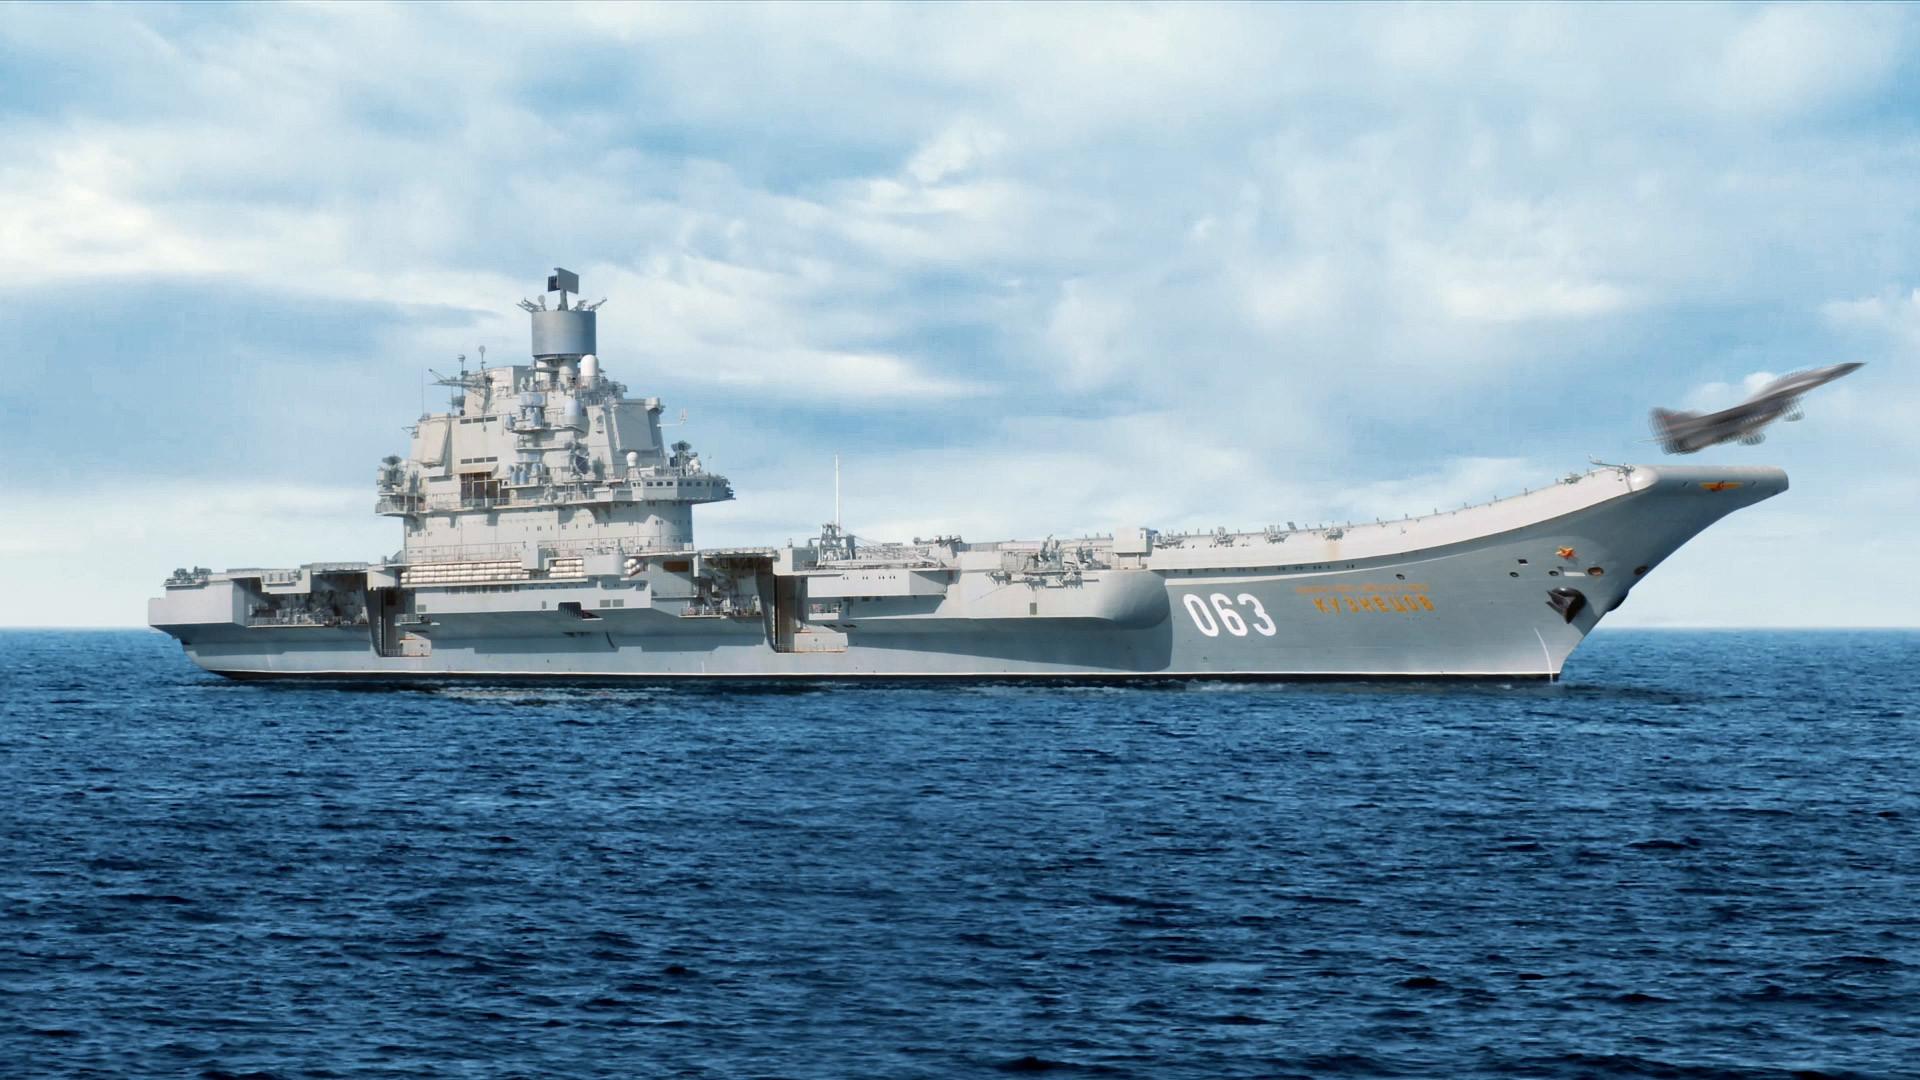 этом фото адмирала кузнецова ближайшем будущем недавно